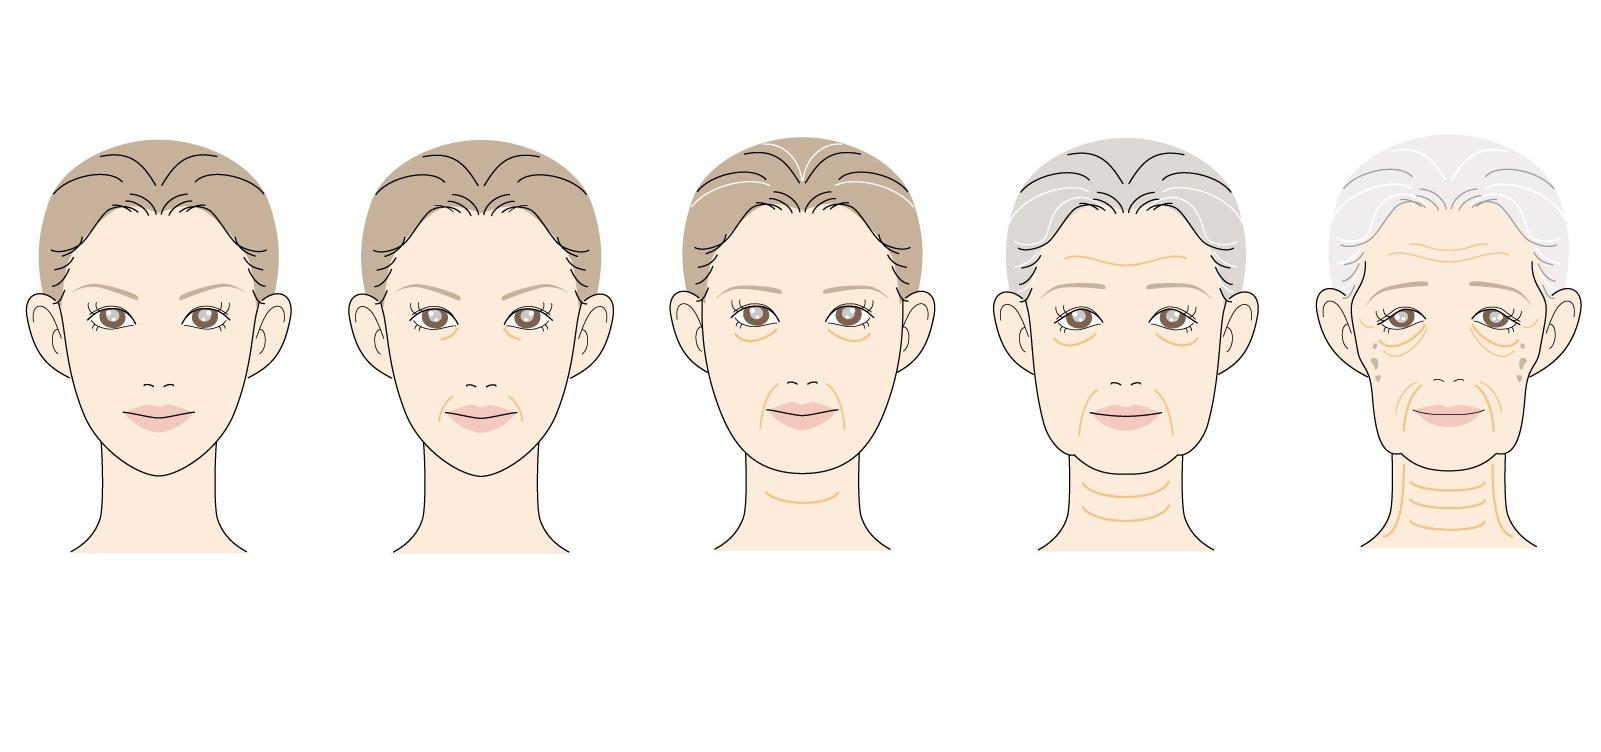 女性の老化していく過程を示したイラスト